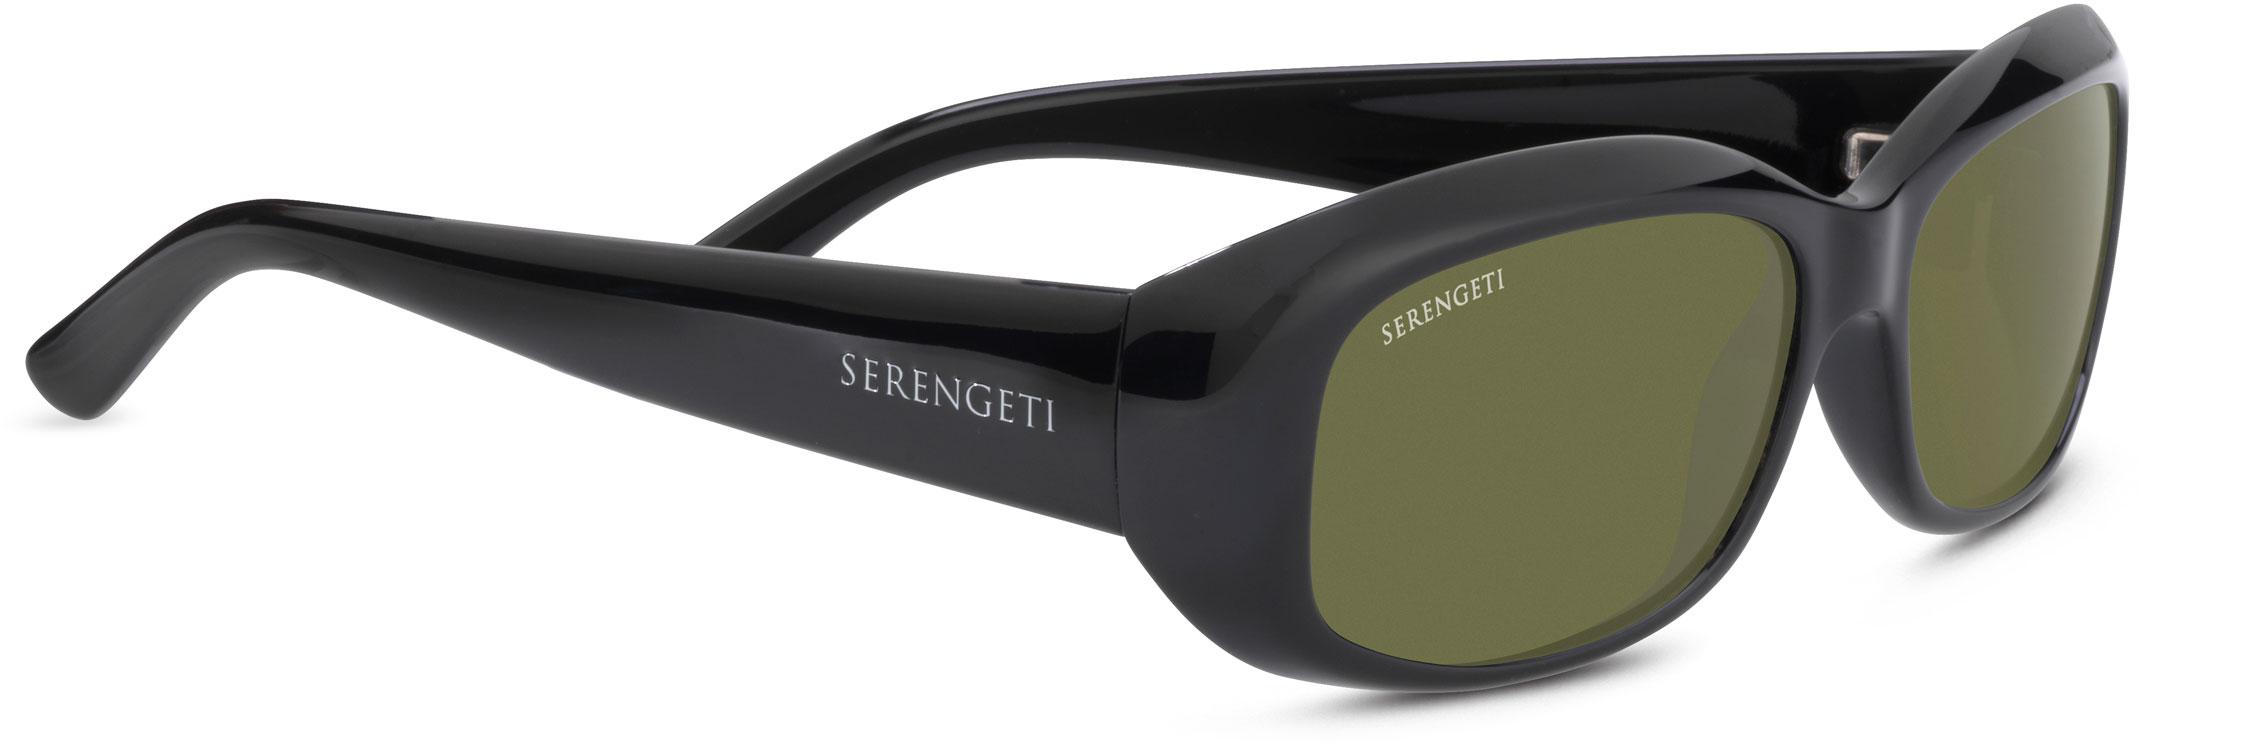 Serengeti Bianca-8980-56 | 726644101780